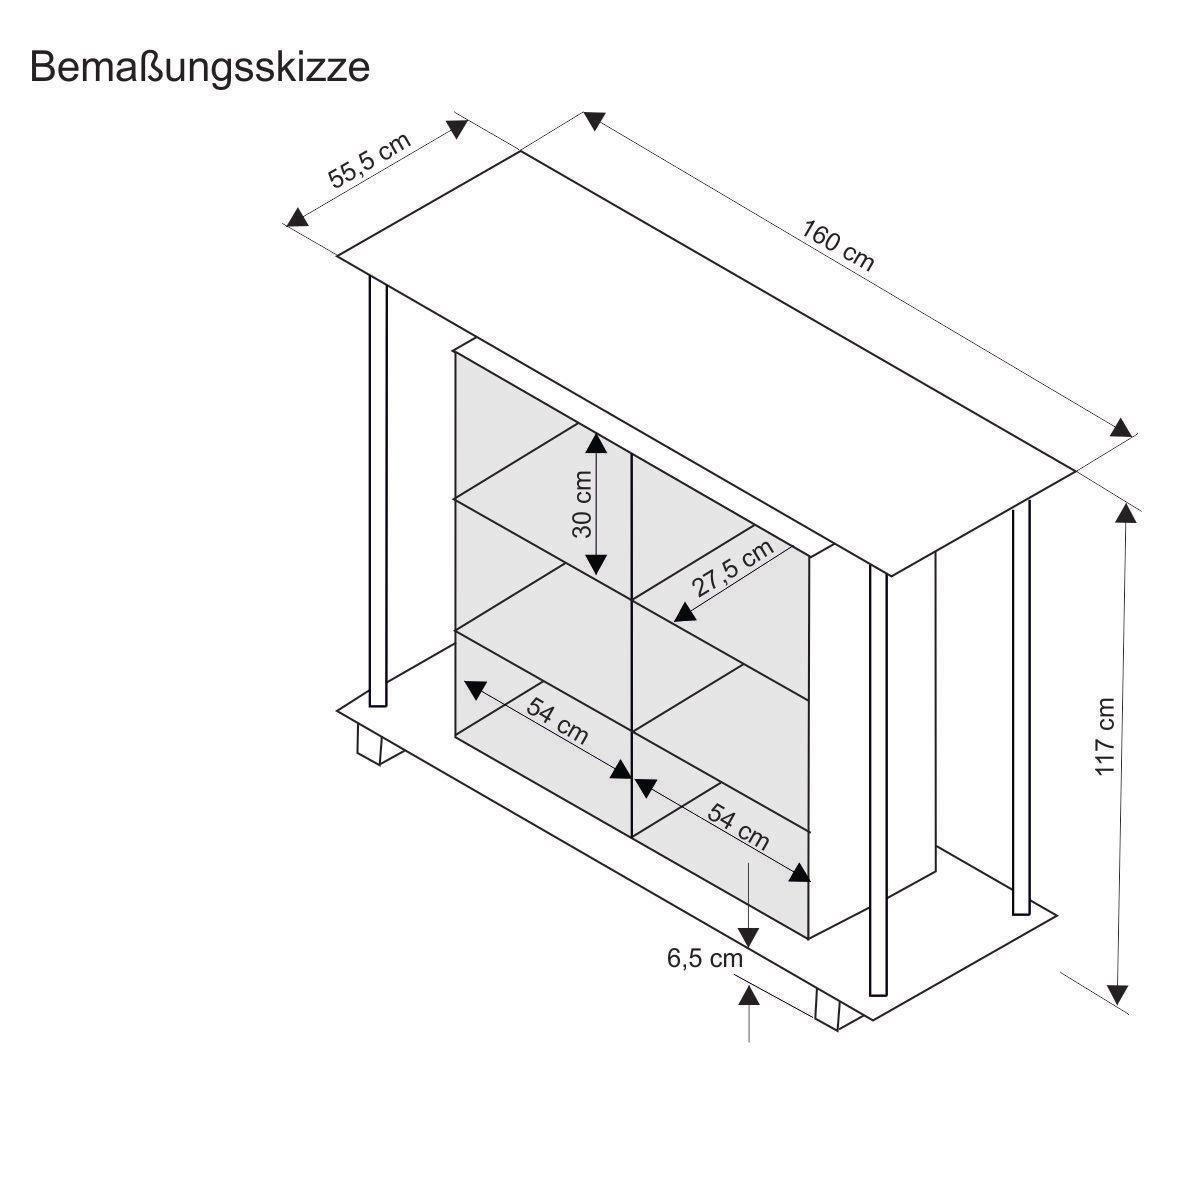 Tresenhöhe bartresen auf rollen holz glas weiß ca 120 cm hoch amazon de